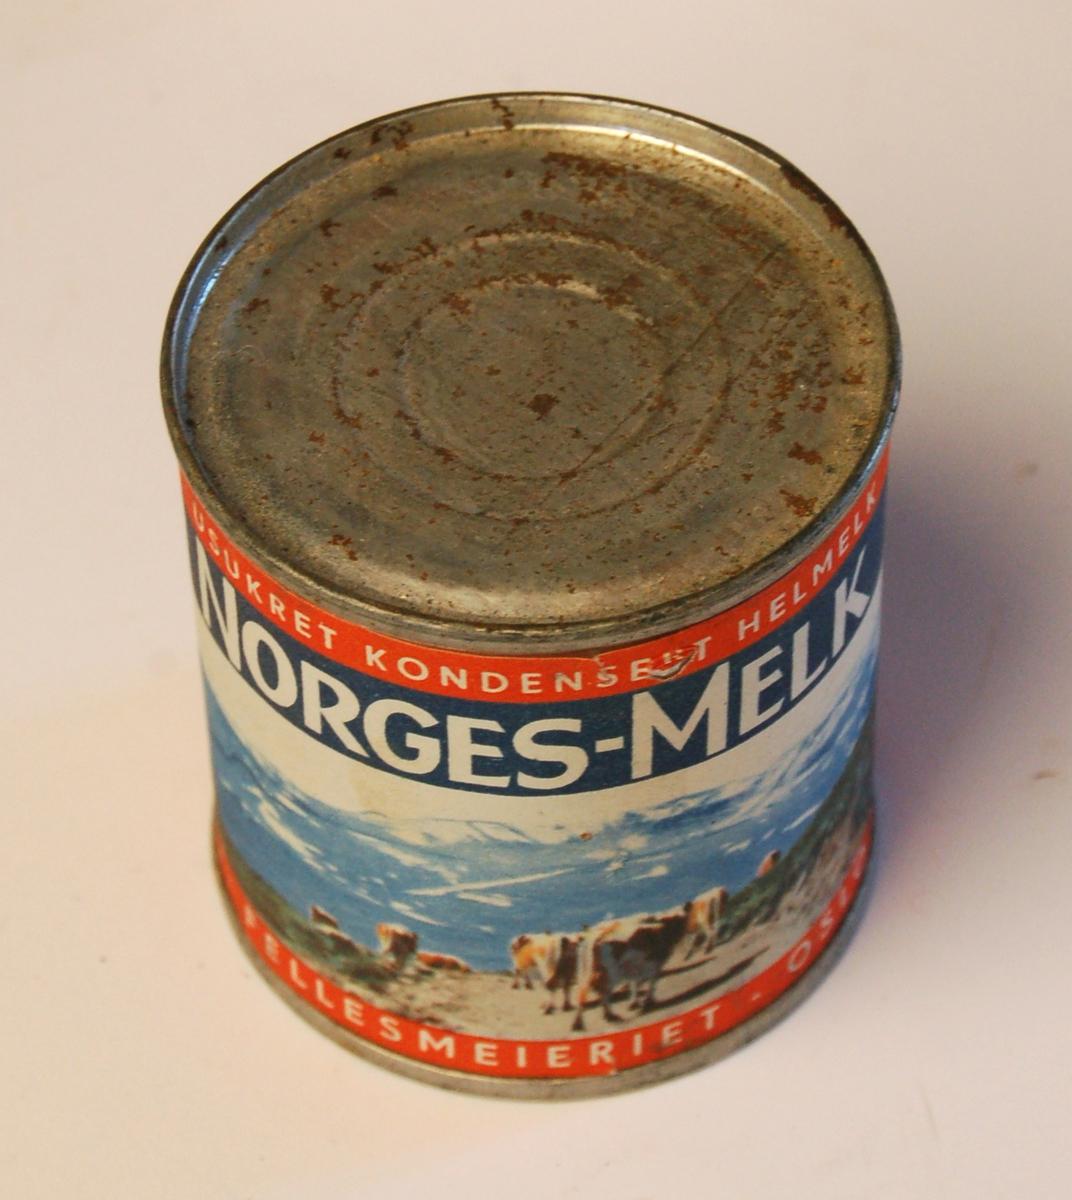 Sylinderforma hermetisk lukket boks til melkeprodukt.